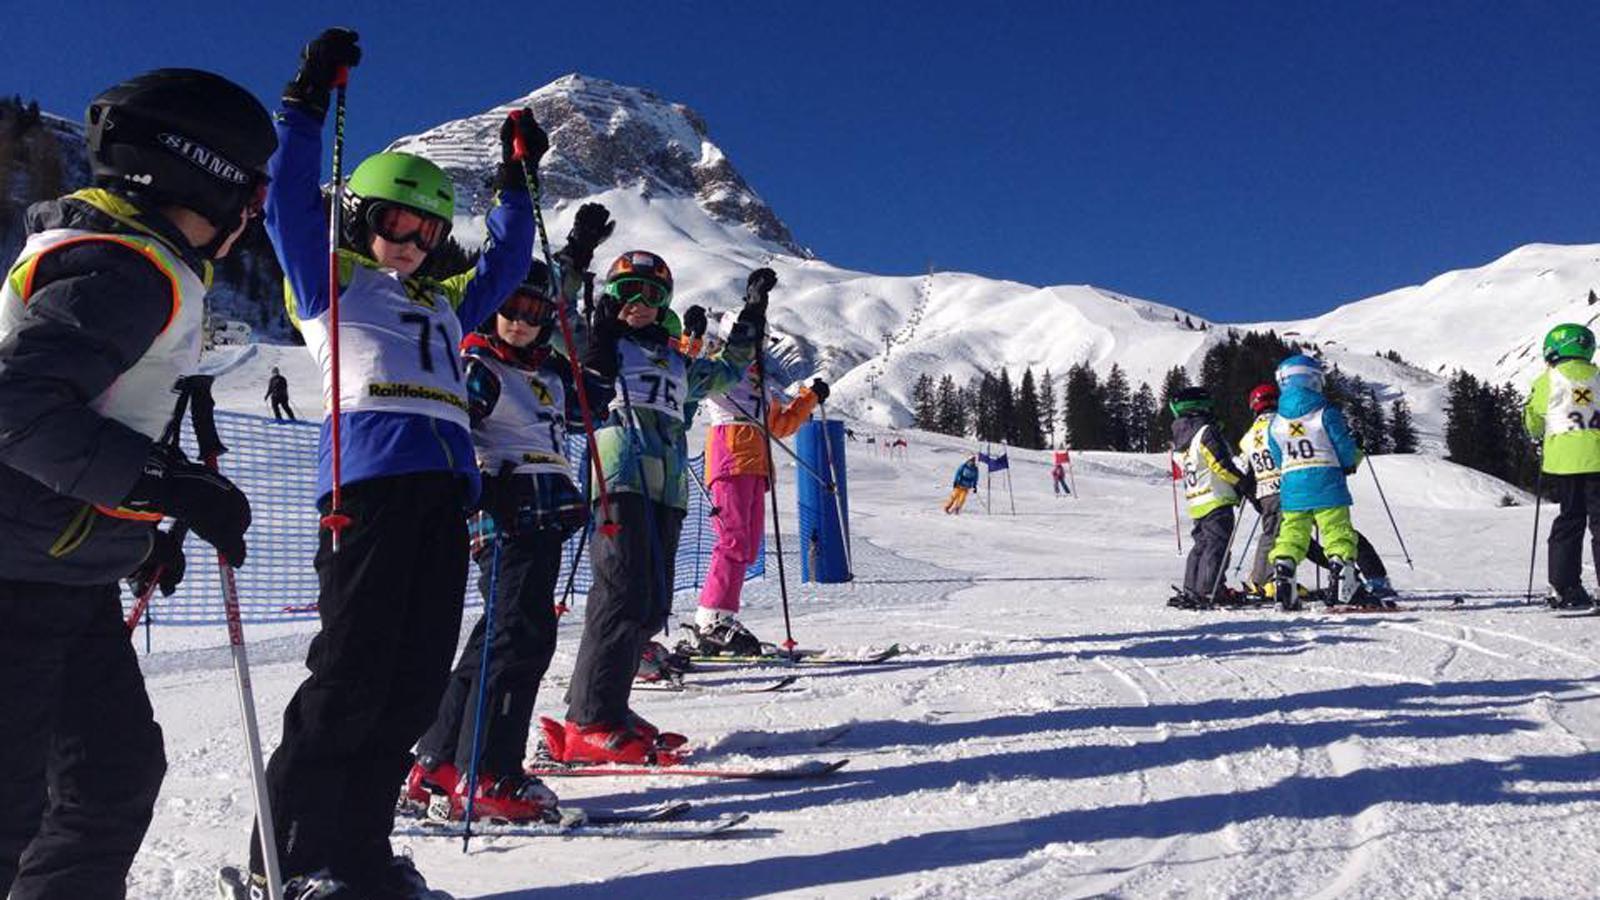 Skilessen voor kinderen (4-14 jaar) - Beginners